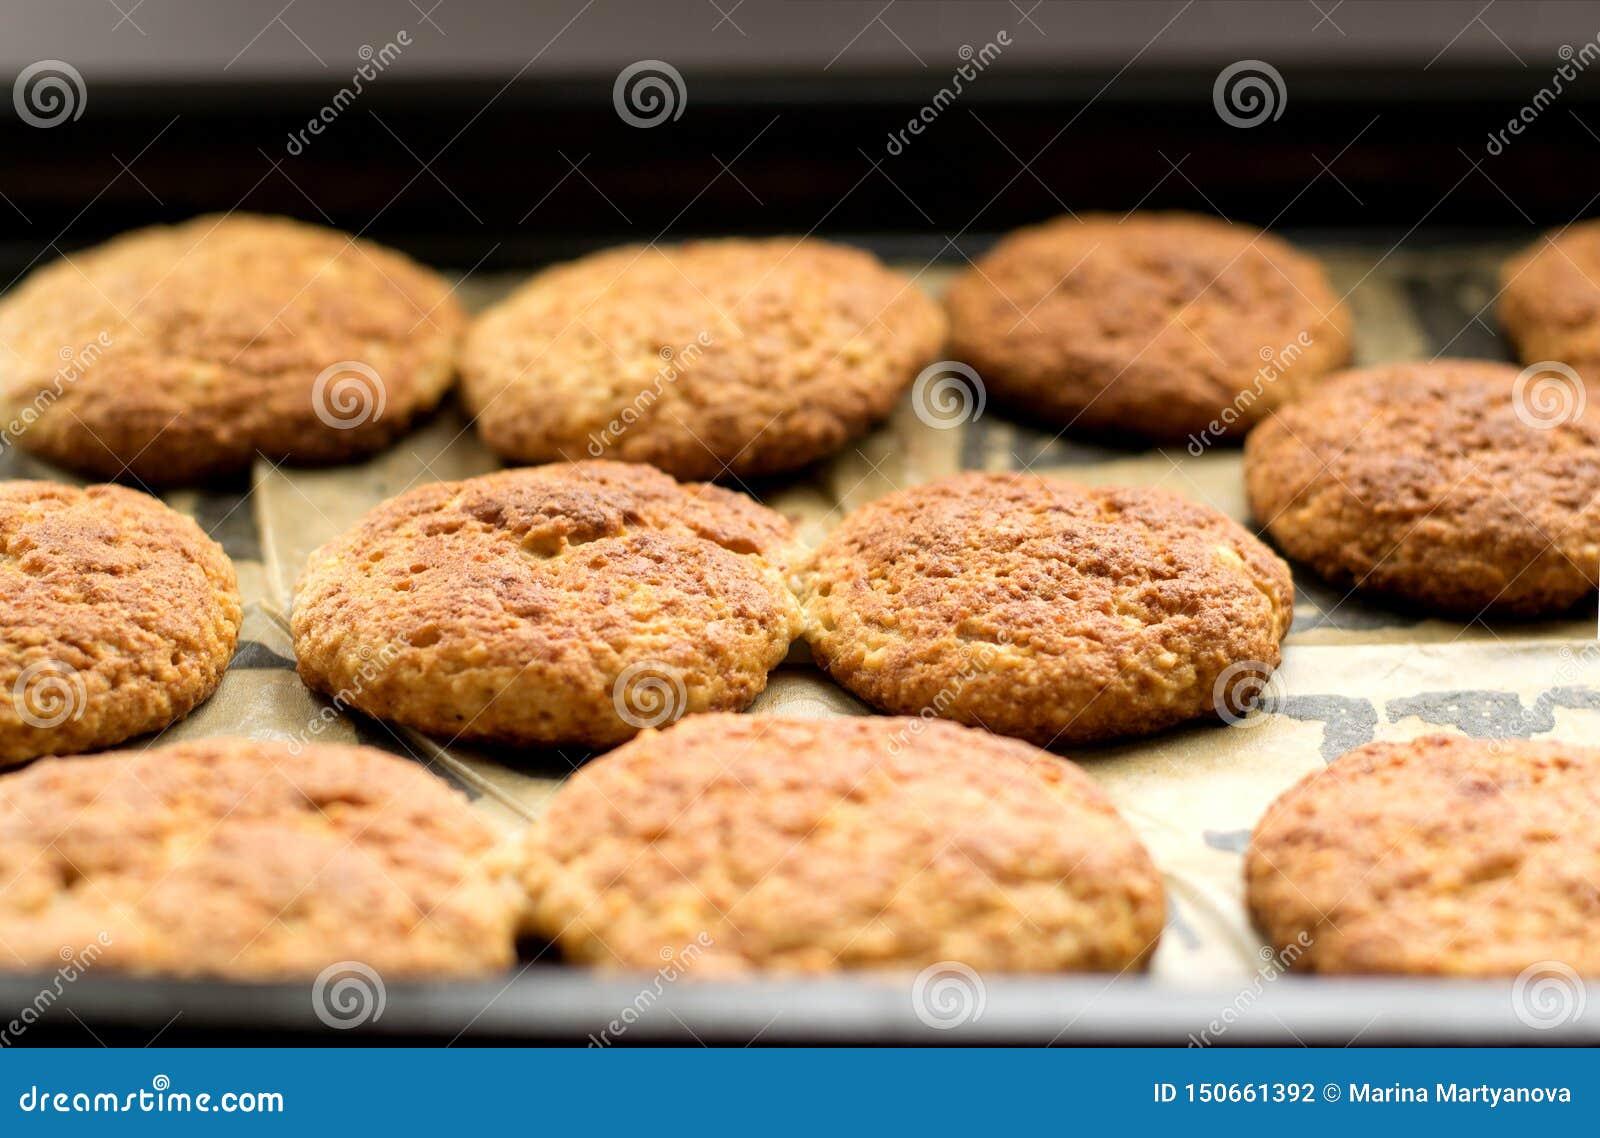 Biscuits sur un plateau de traitement au four